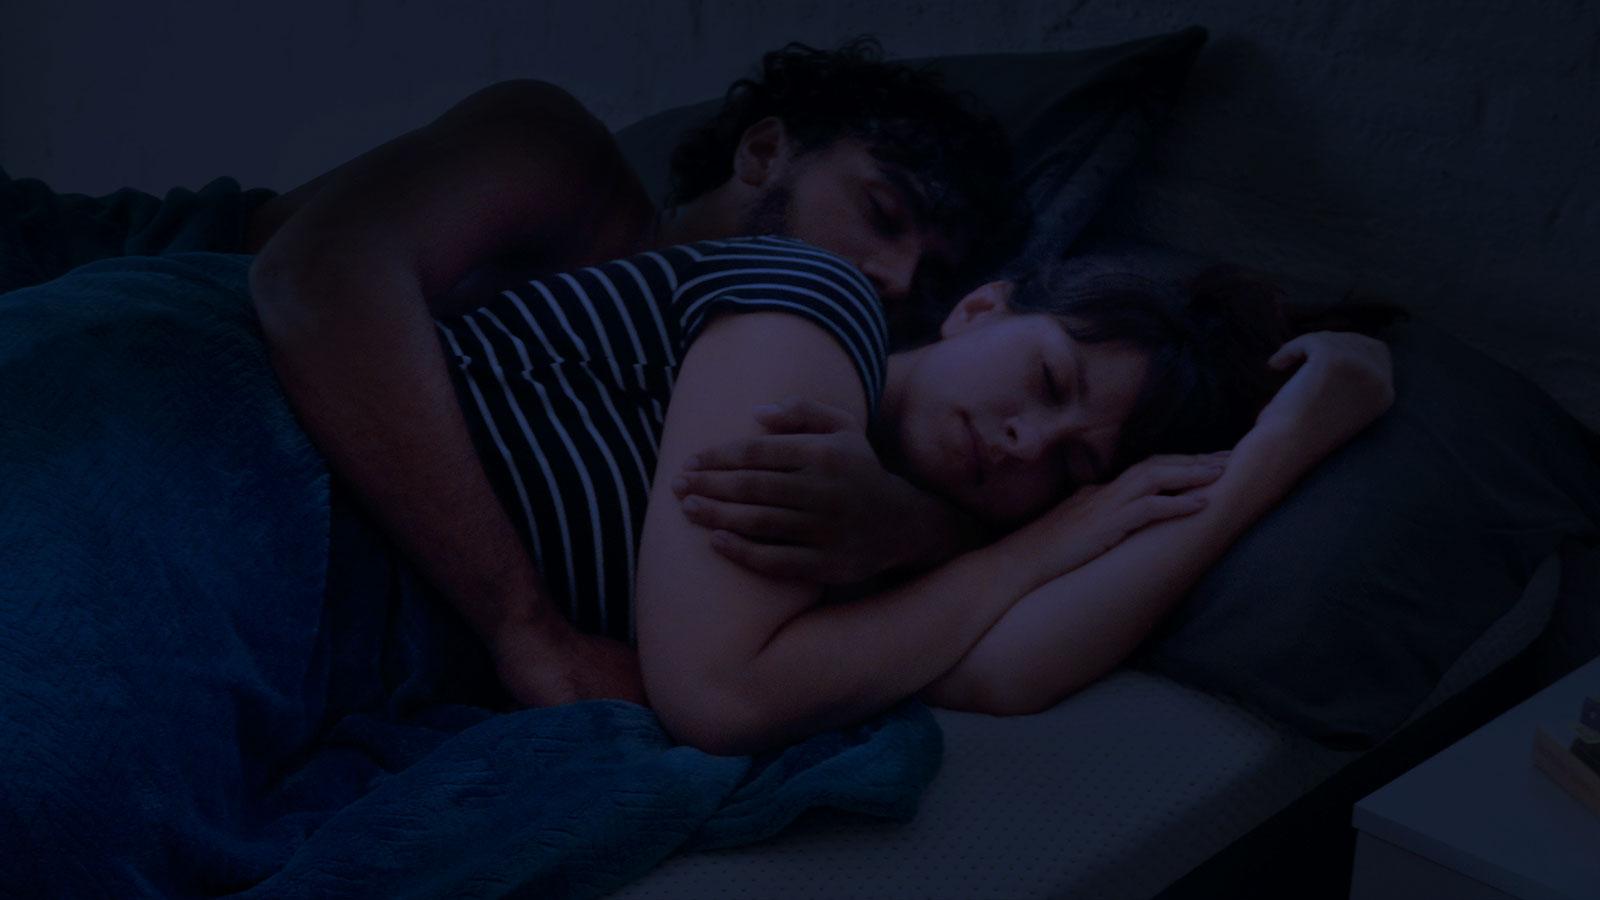 Fases do sono: quais são e como ocorrem?